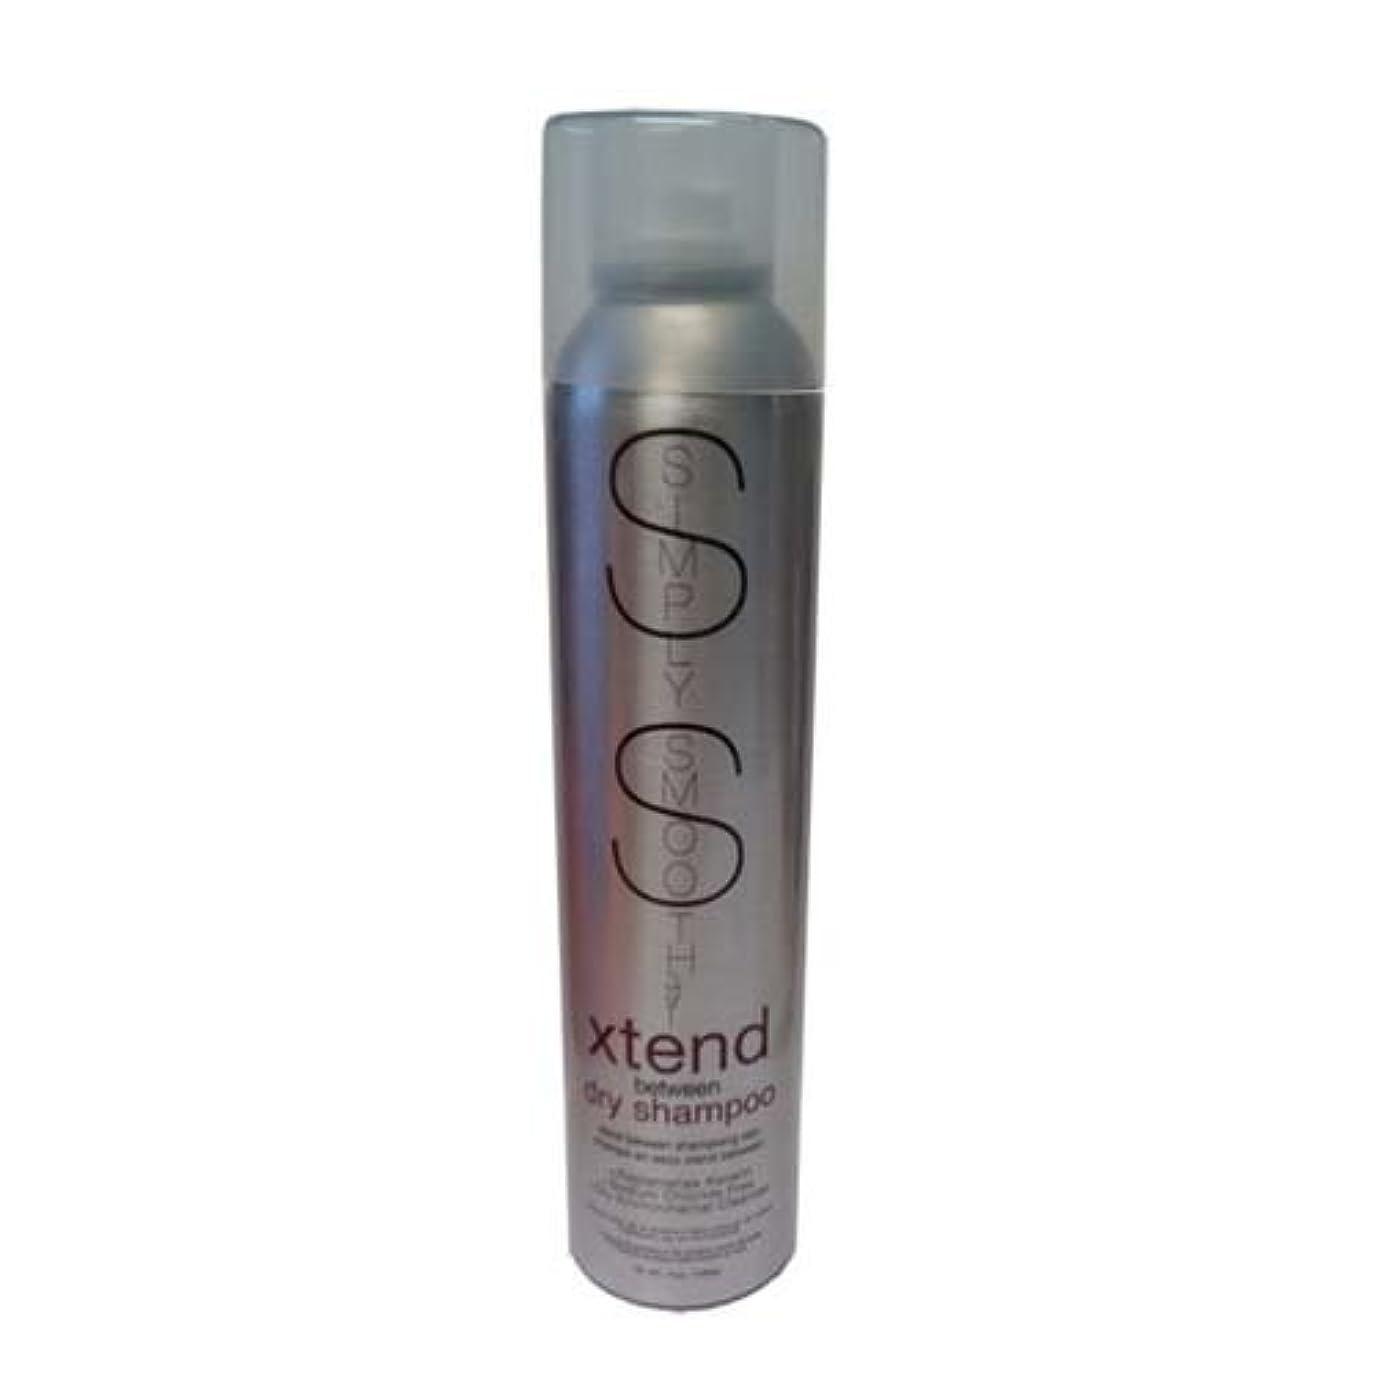 明日指紋曲がったSimply Smooth Xtend Between Dry Shampoo 7 oz. (並行輸入品)